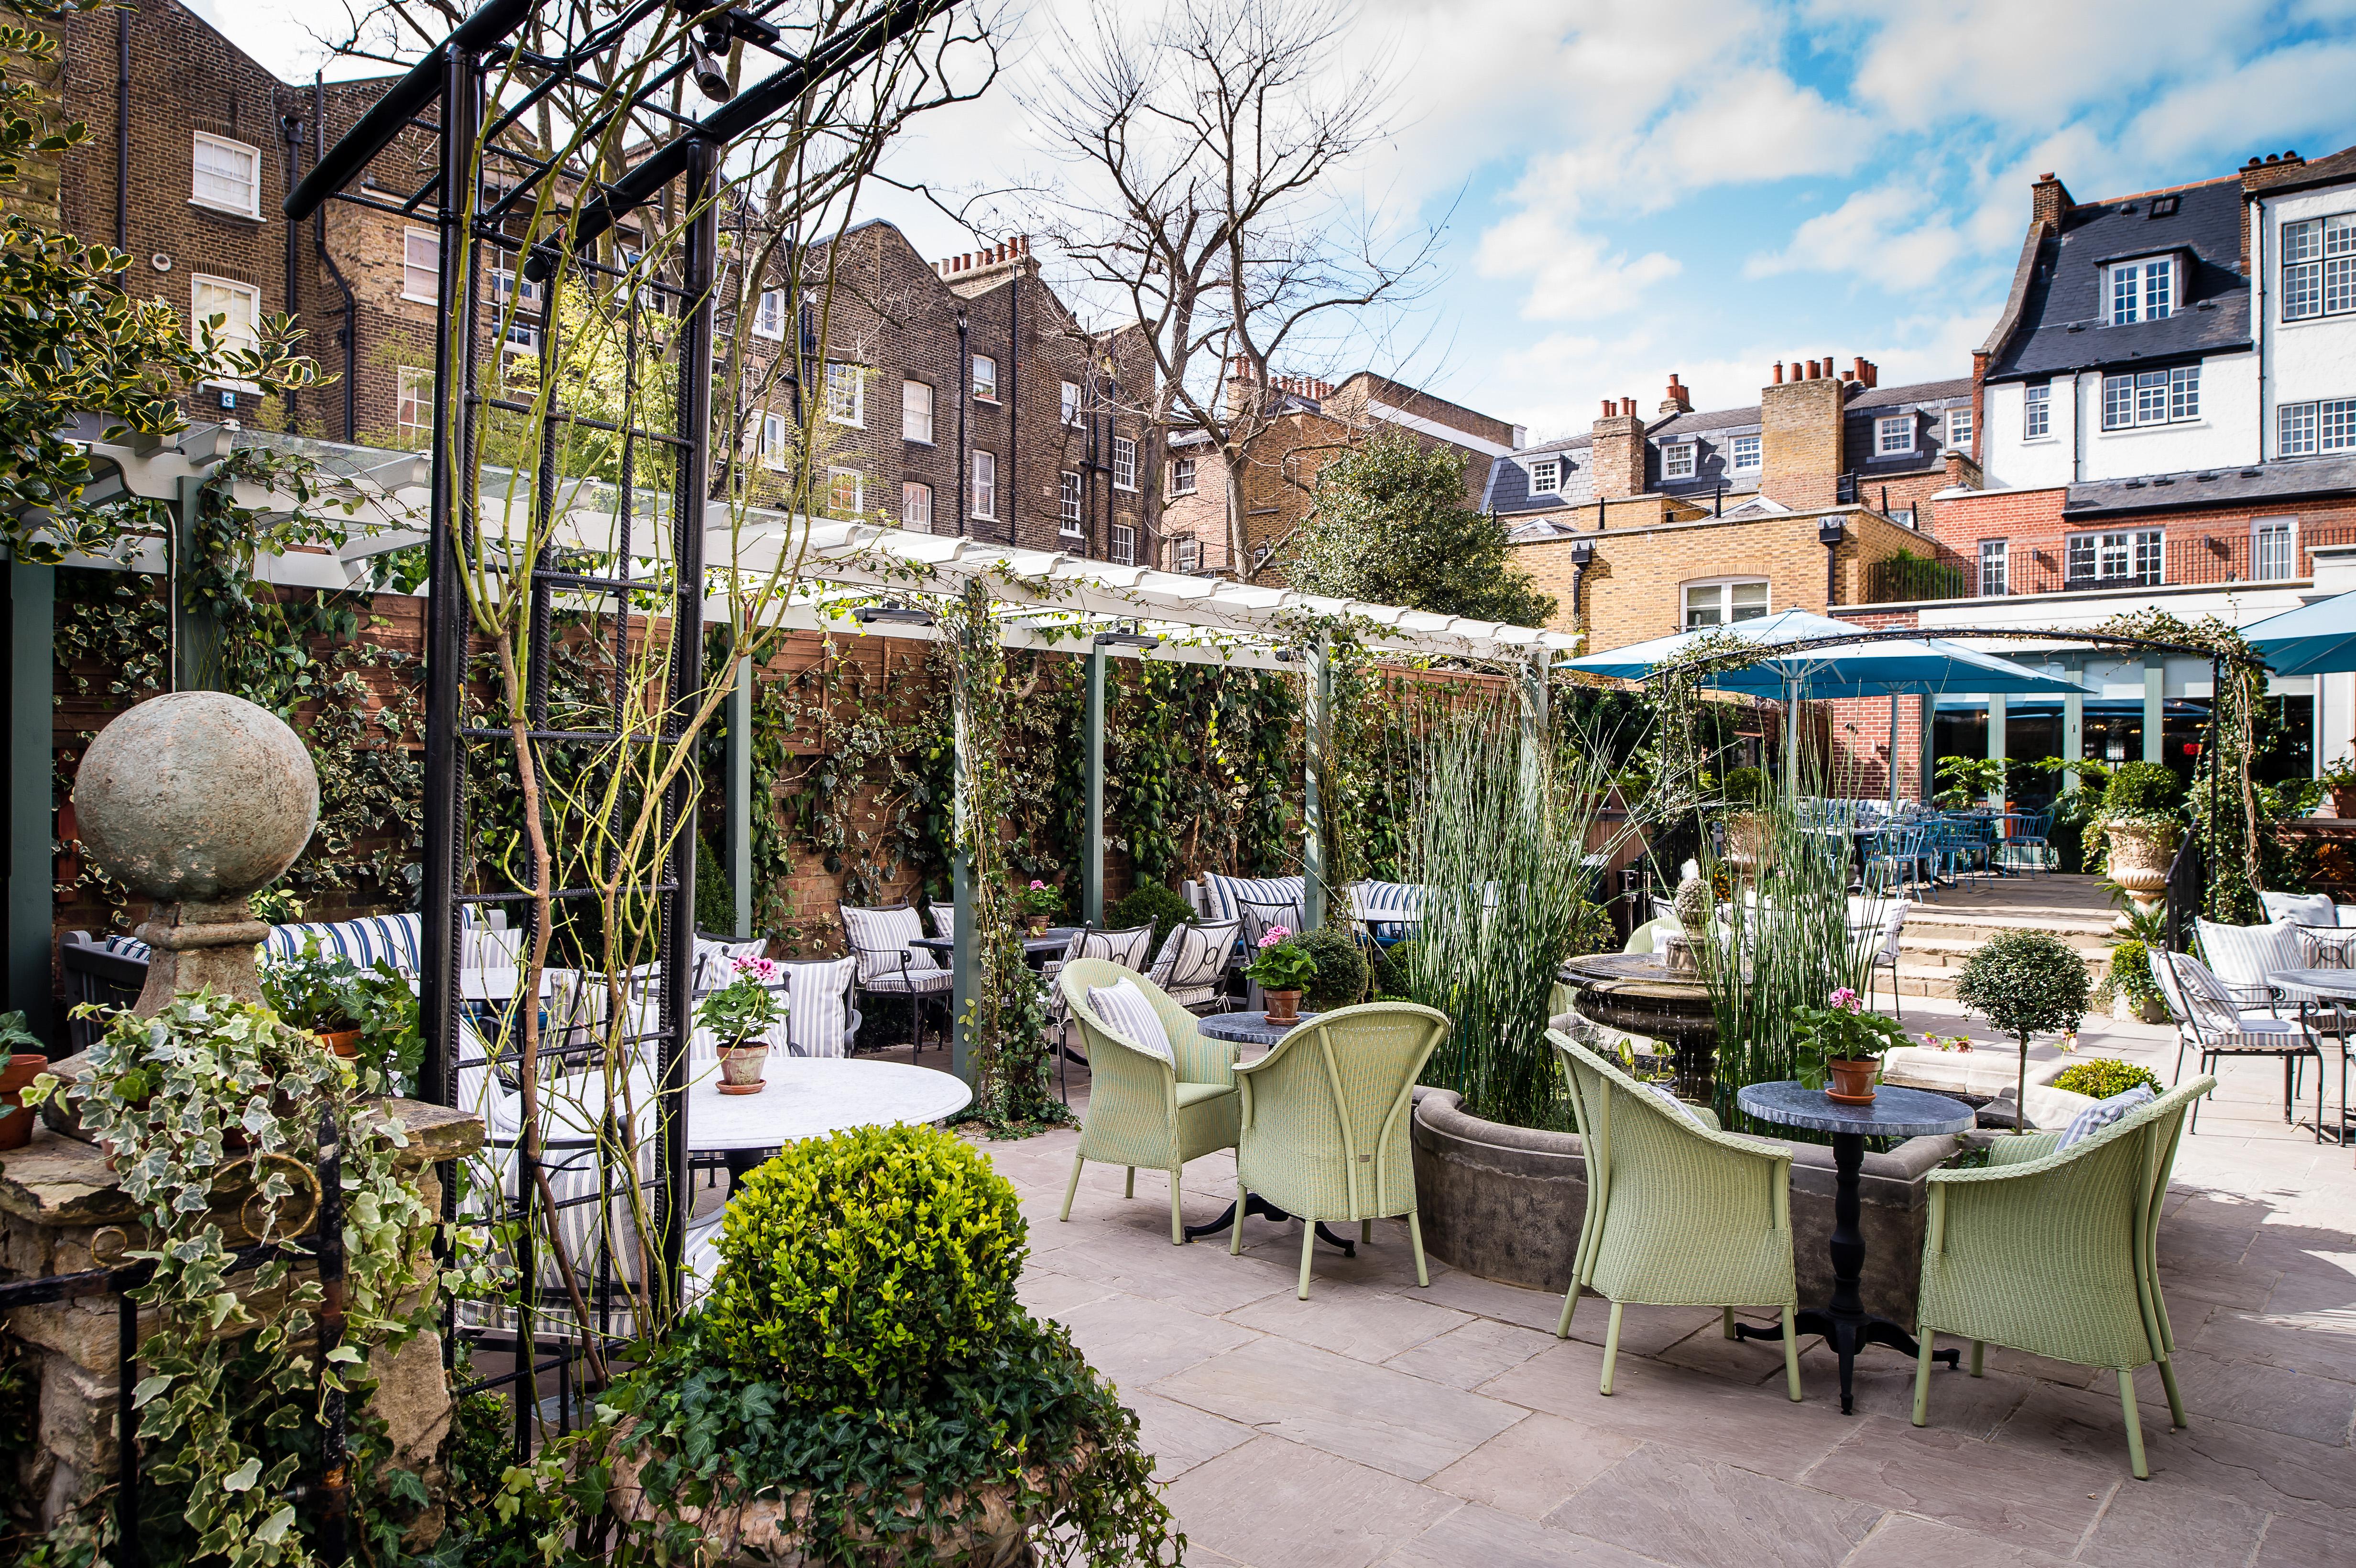 Best Restaurants Near Kings Road London